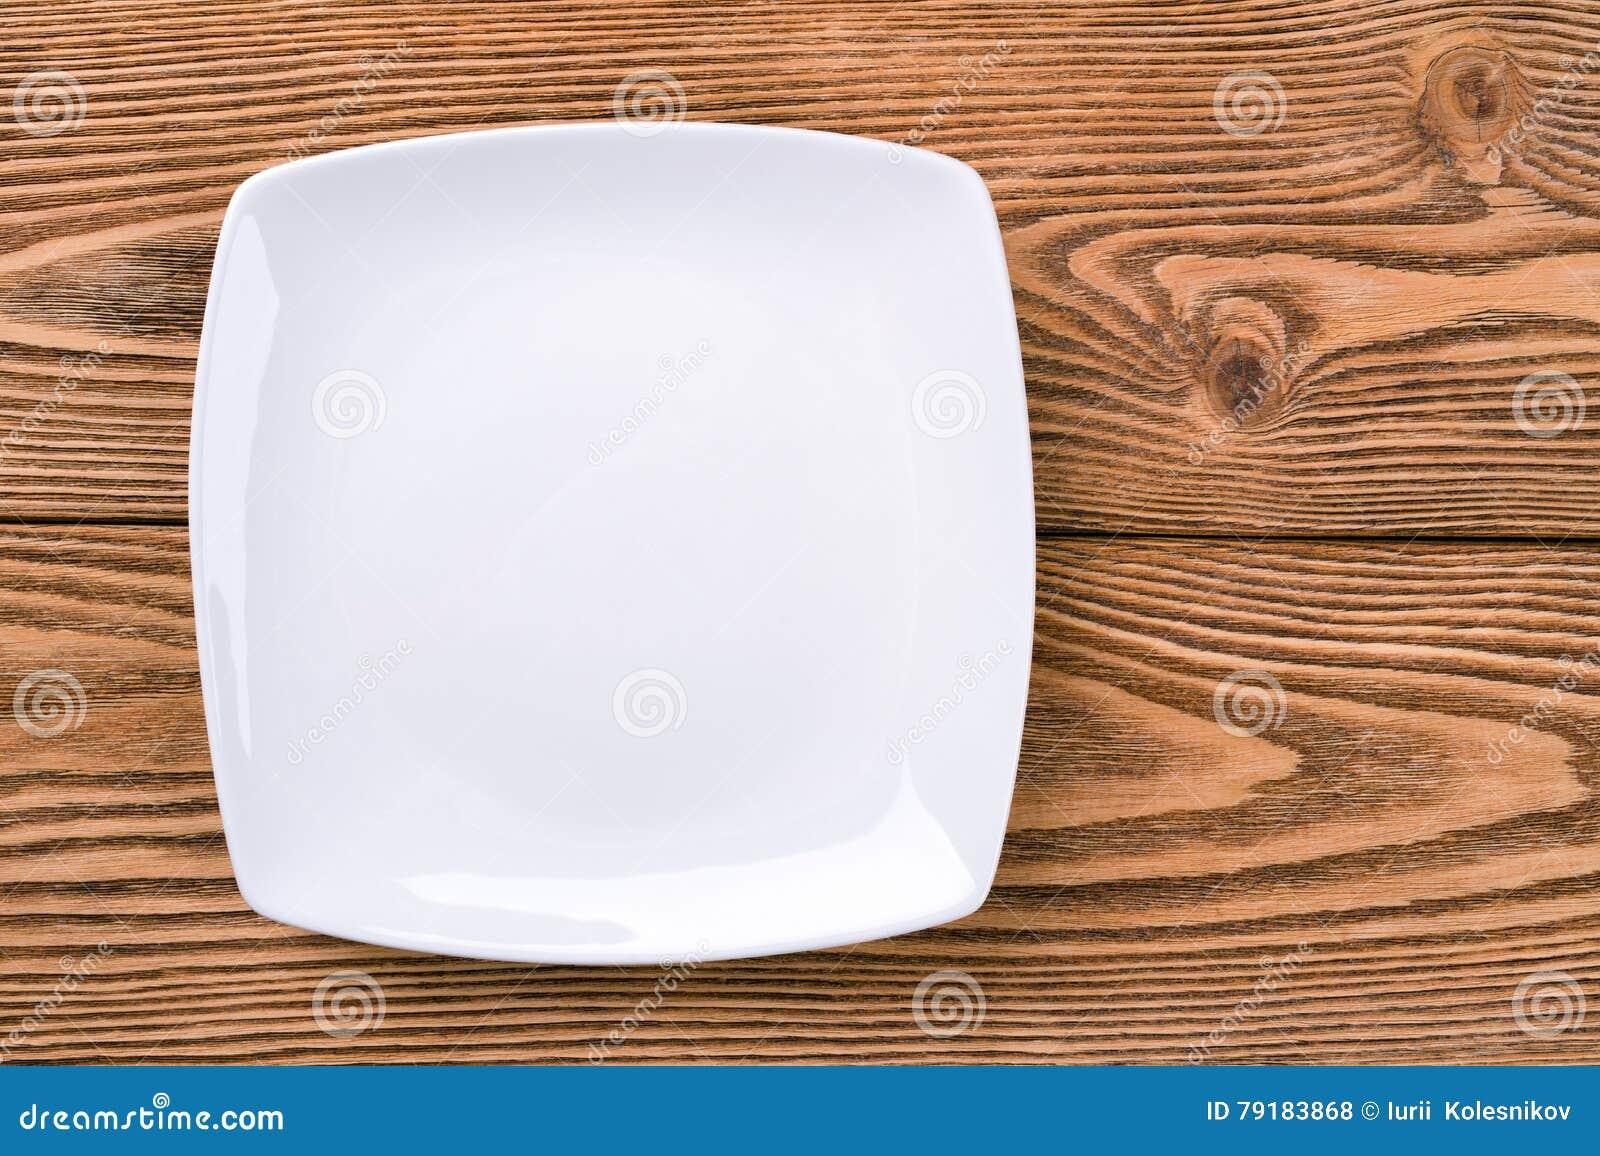 Placa do quadrado branco